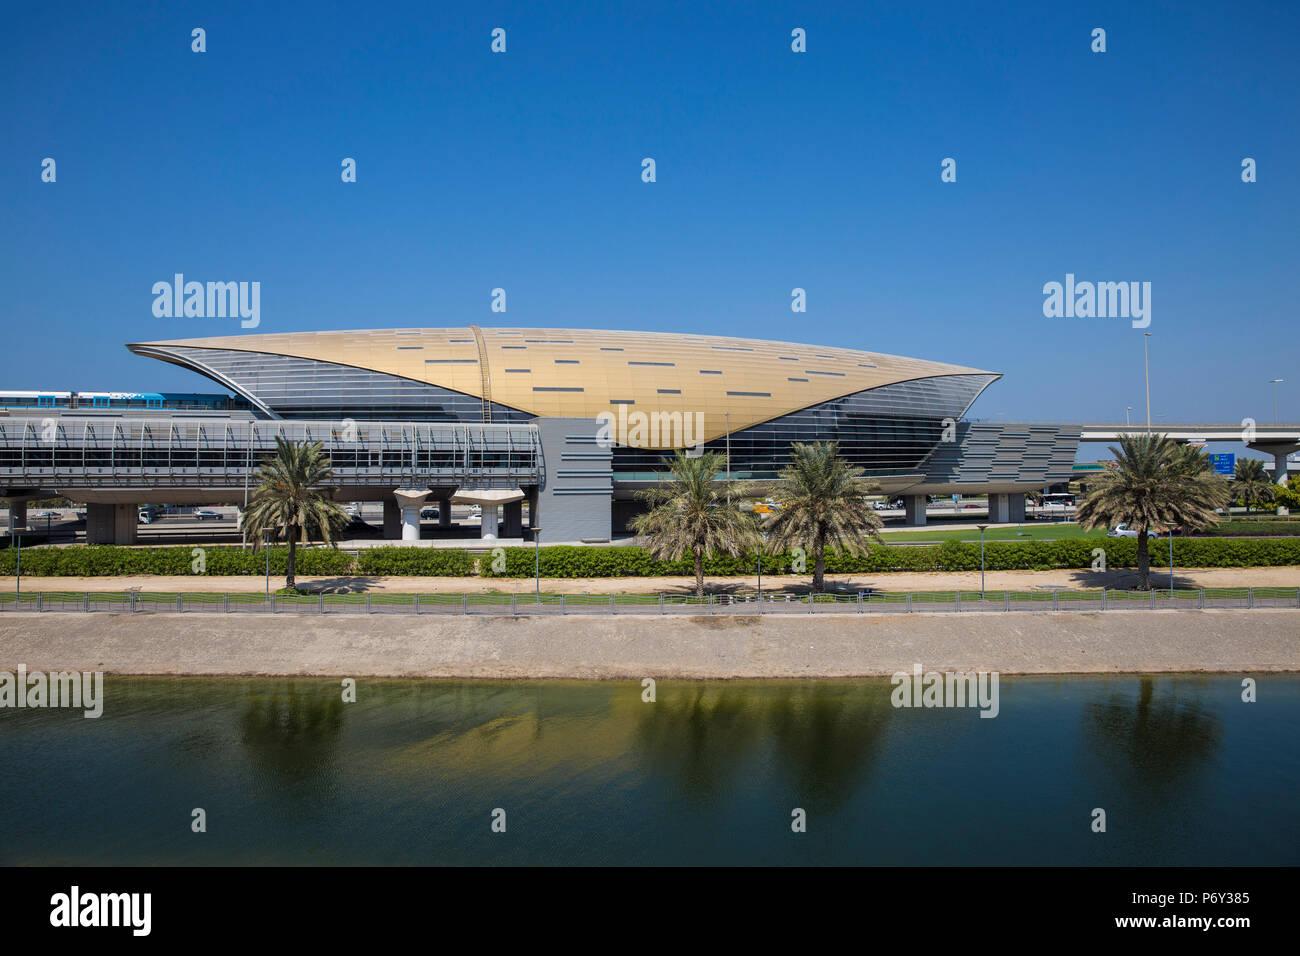 Emiratos Árabes Unidos, Dubai Mall de los Emiratos, estación de metro Imagen De Stock